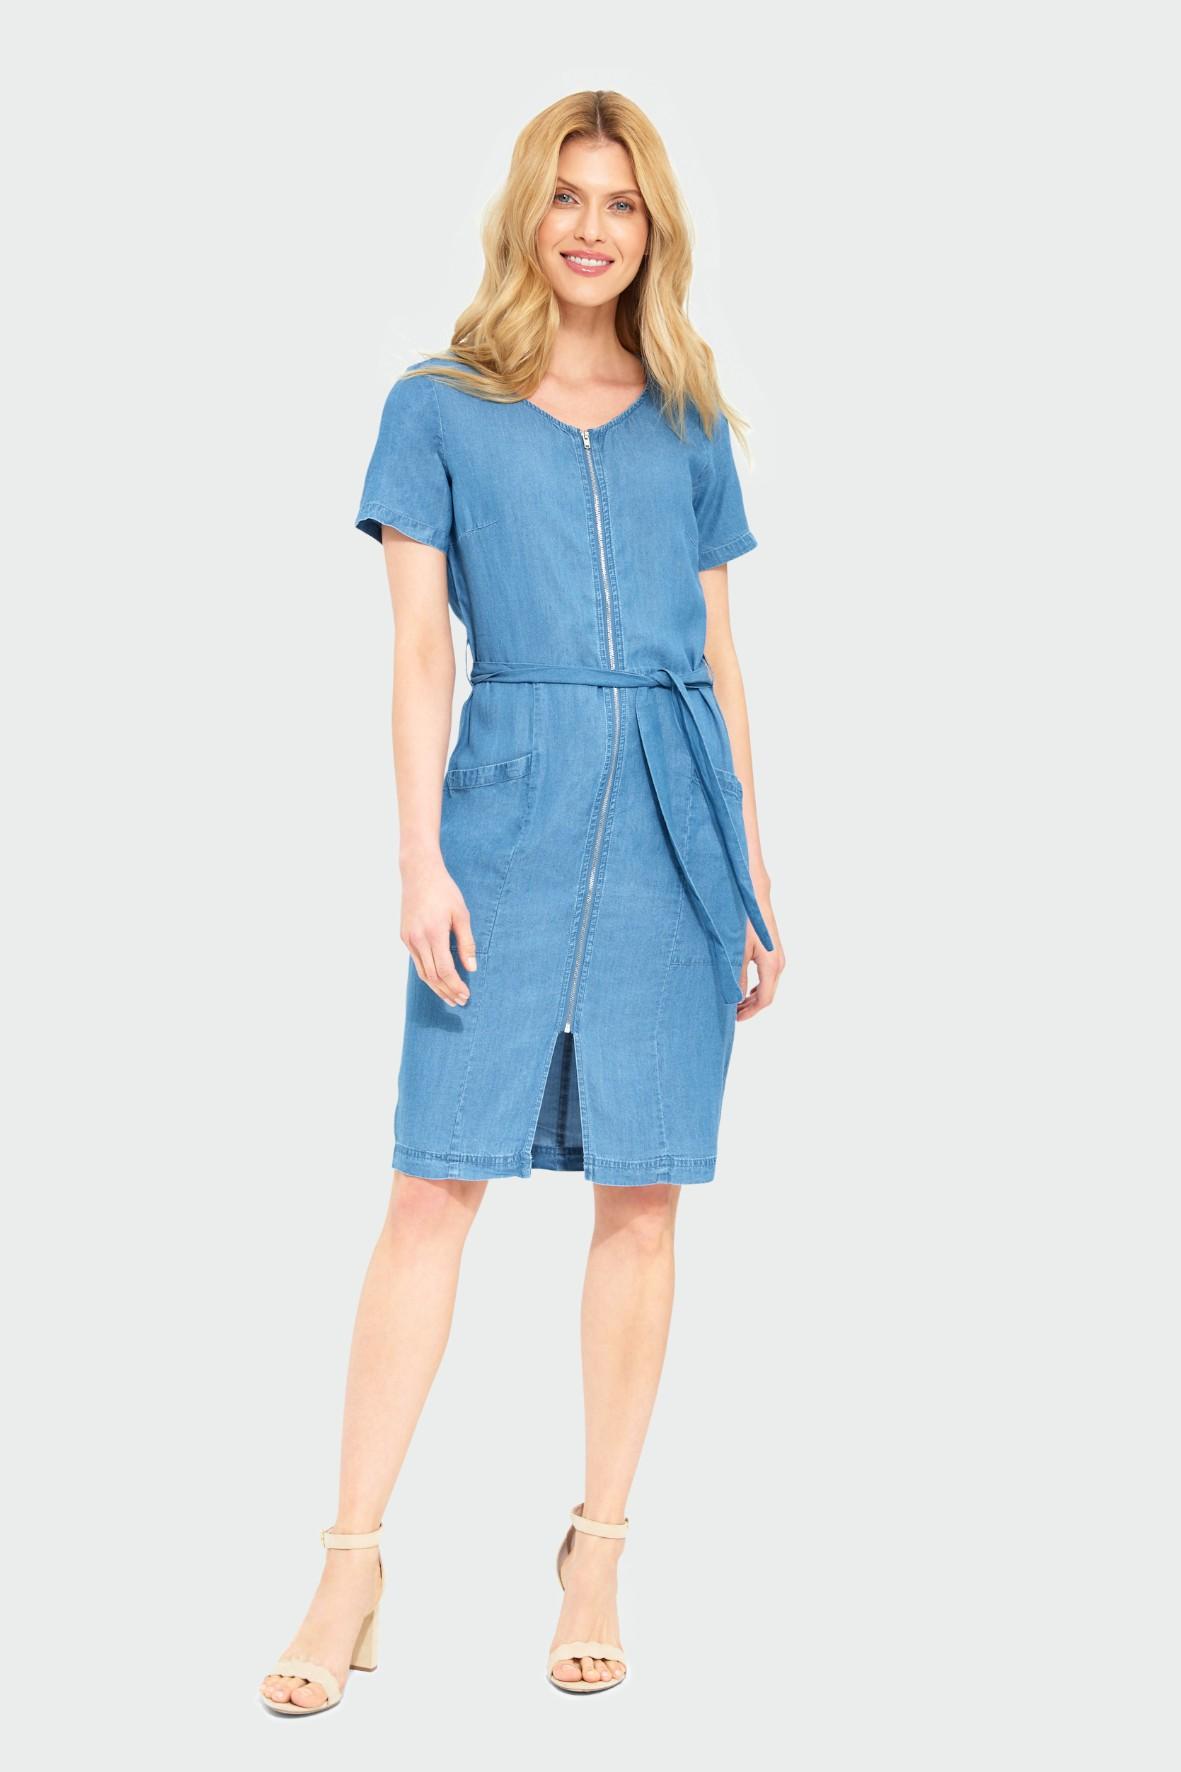 Niebieska dopasowana sukienka z lyocellu z paskiem podkreślającym talię